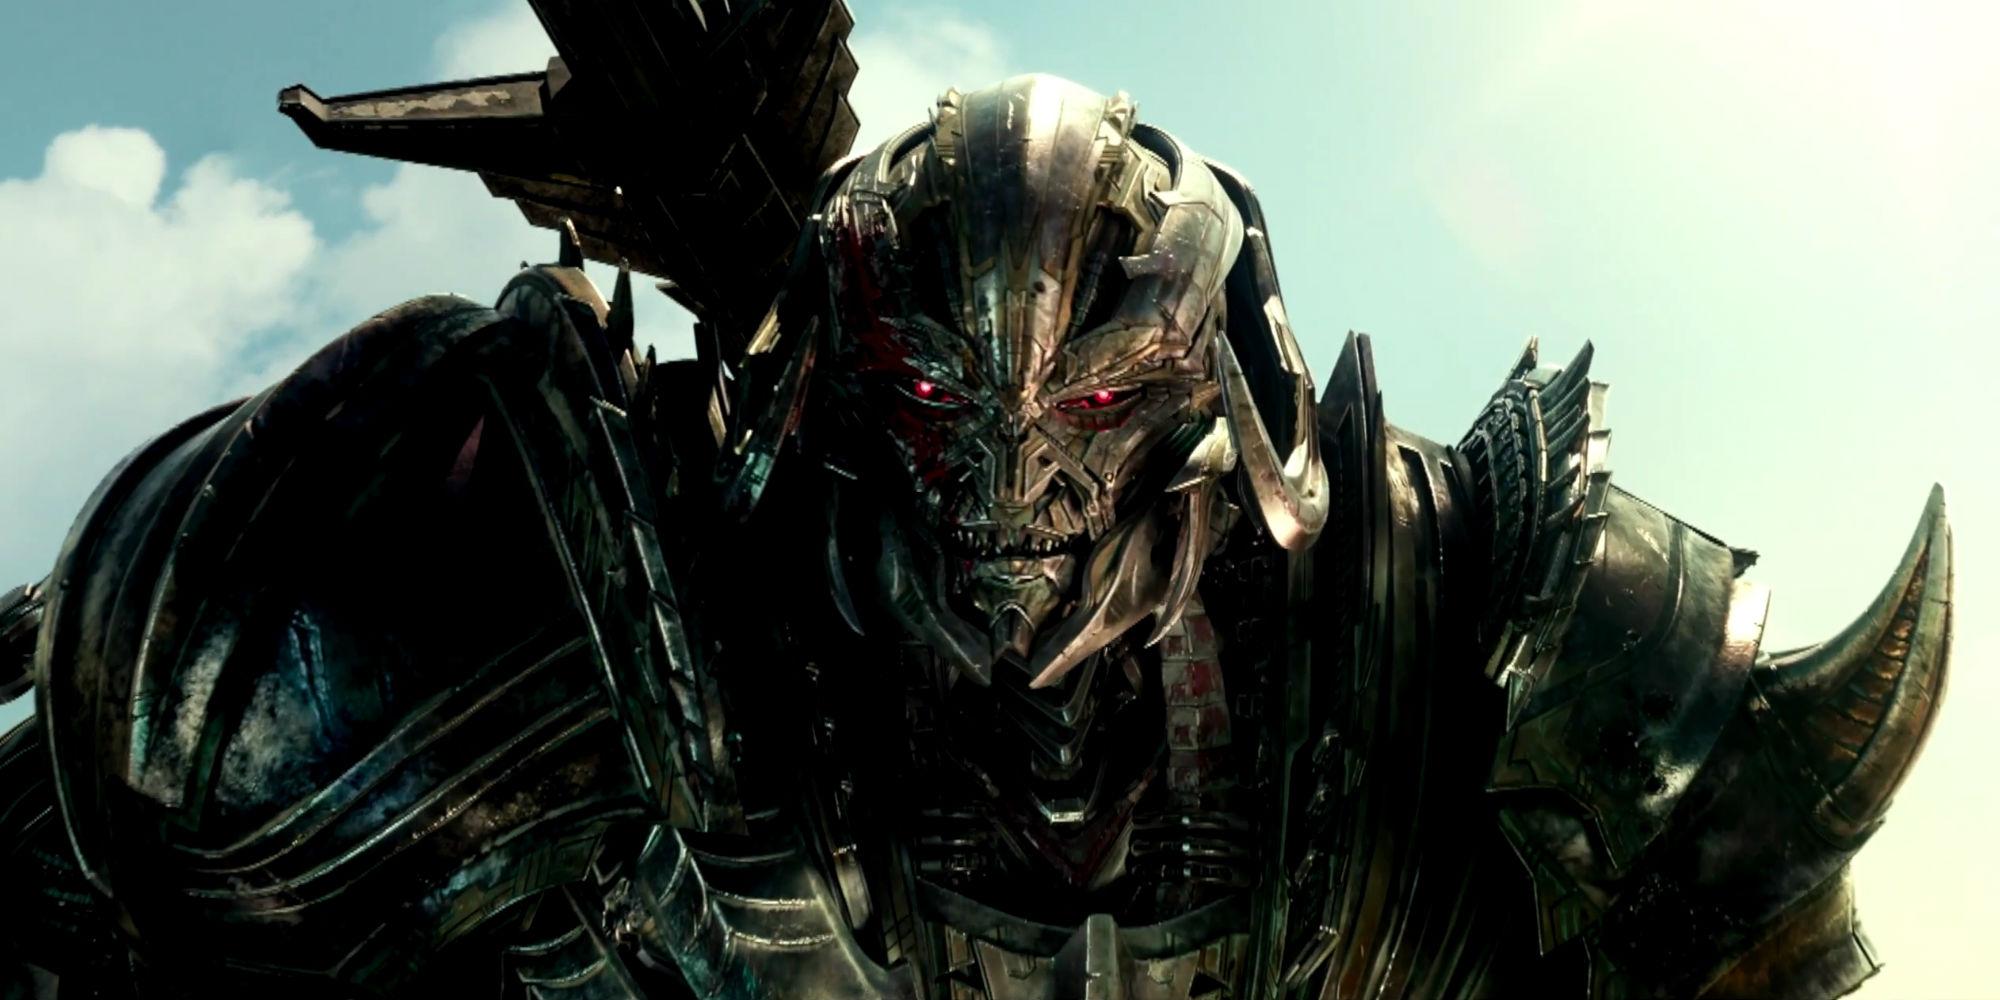 Megatron Transformers The Last Knight 2383950 Hd Wallpaper